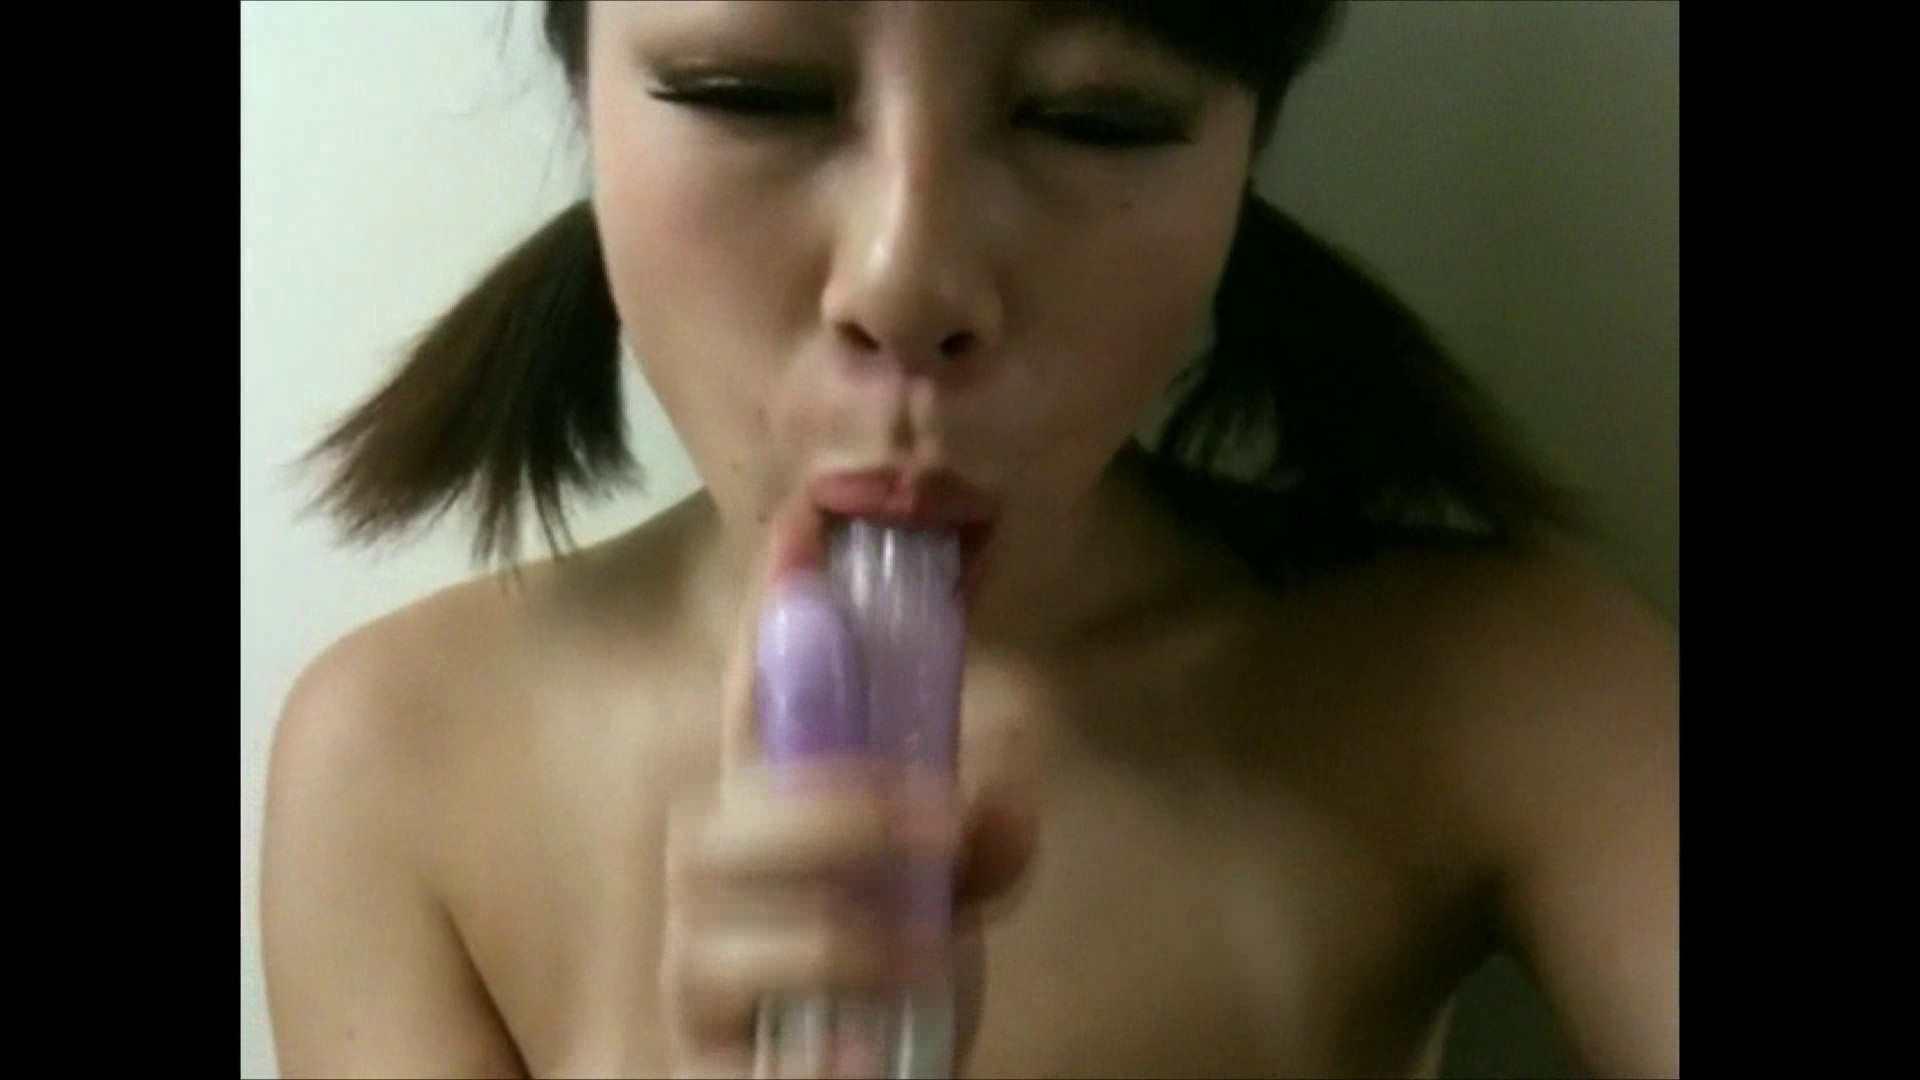 淫乱オナニー百花繚乱 Vol.09 水着 えろ無修正画像 103pic 19